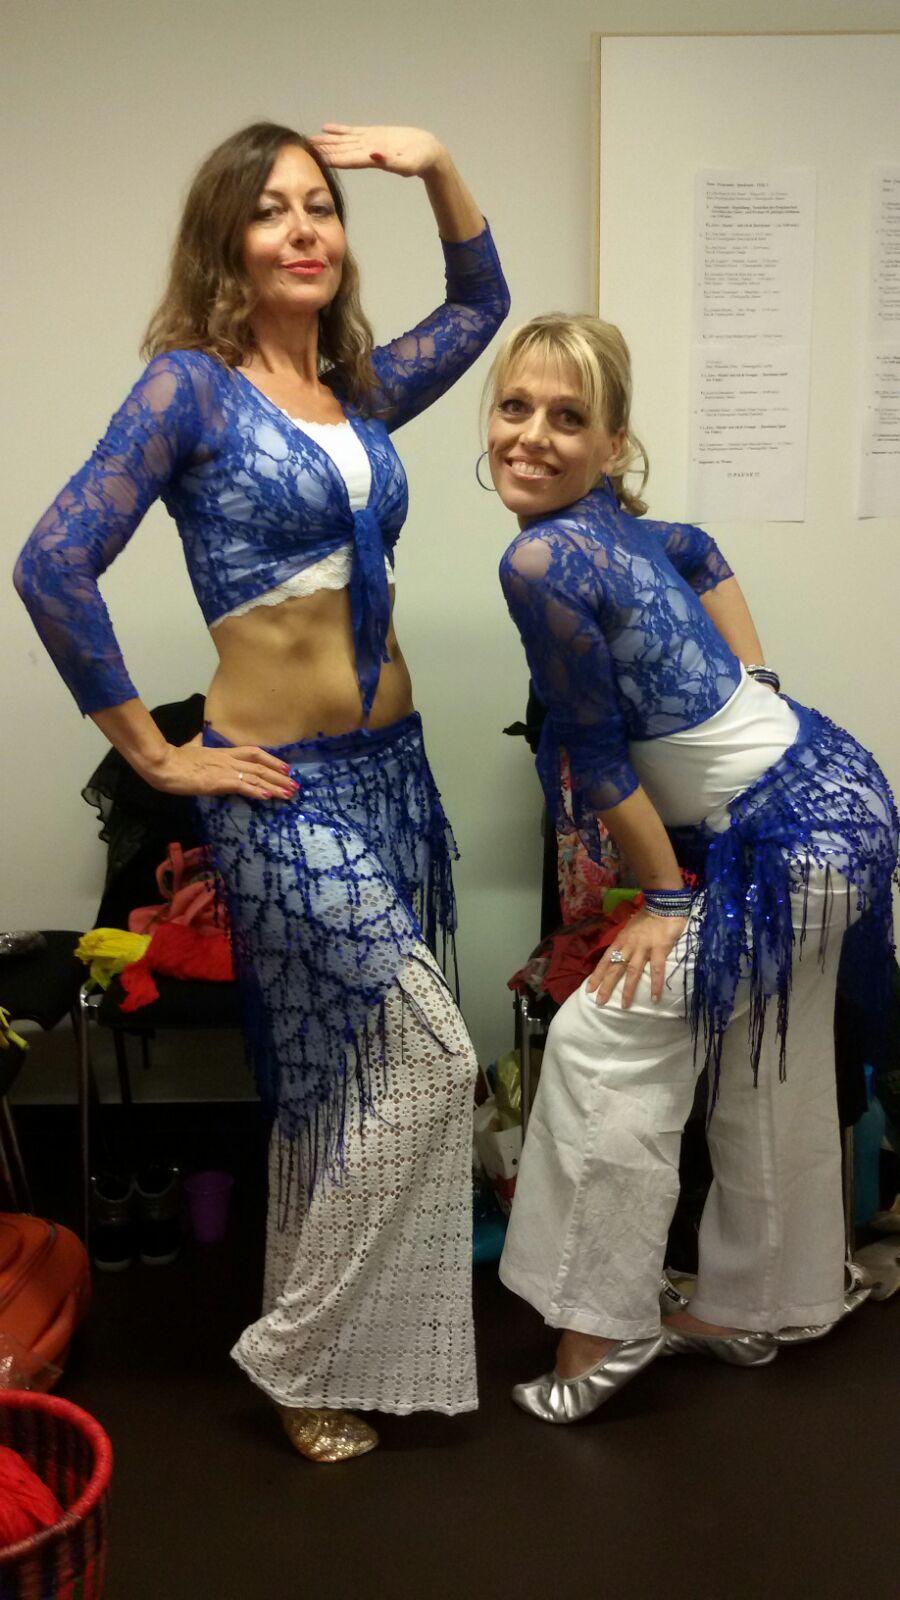 Candyman mit Maria bei der Jubilaeumsshow von Eveline in Zirl bei Innsbruck 2016